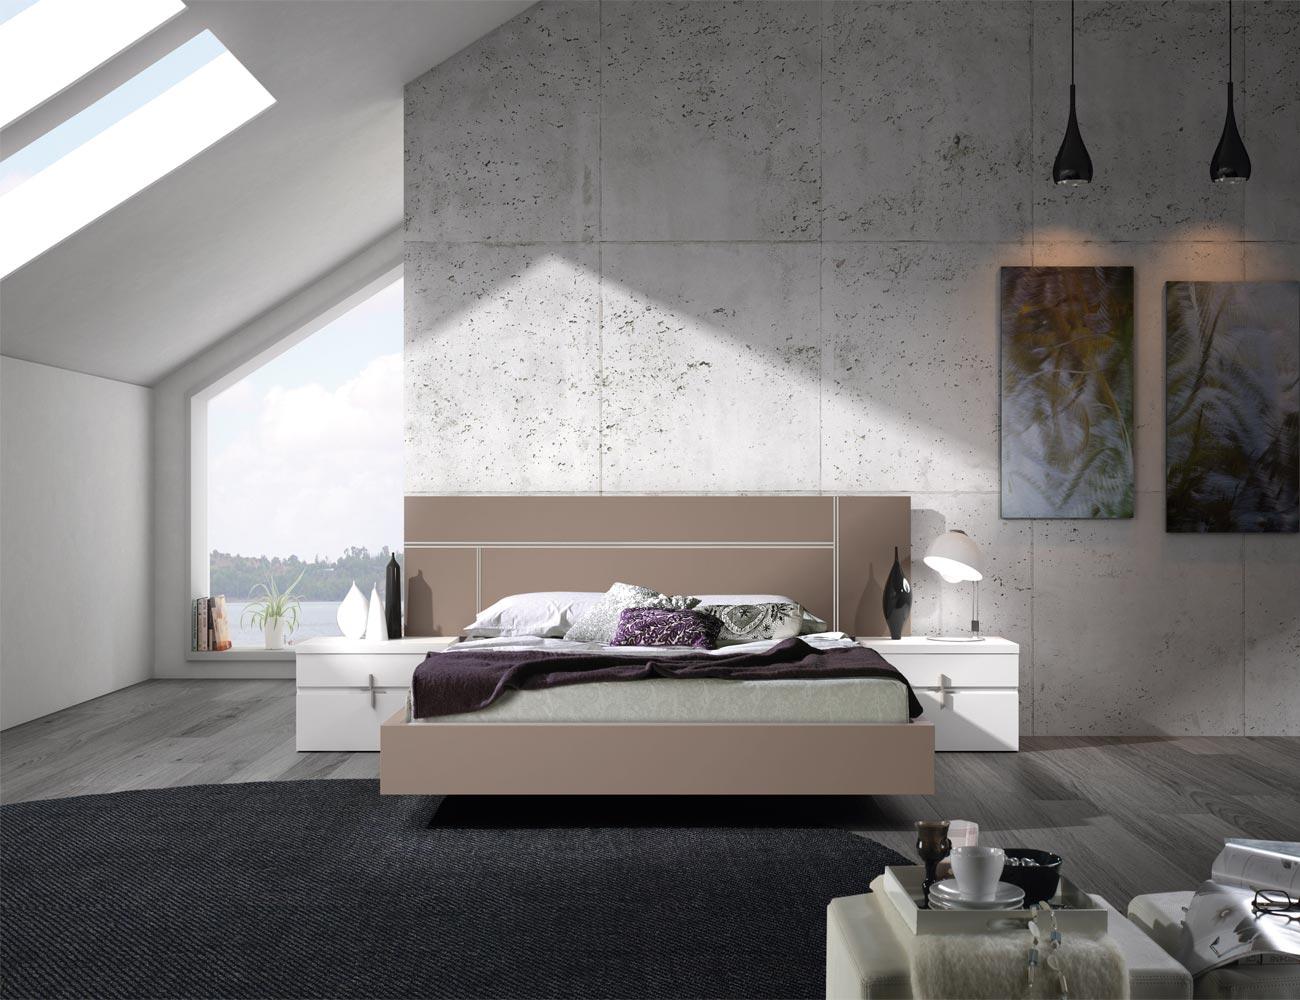 129 dormitorio matrimonio moka bañera